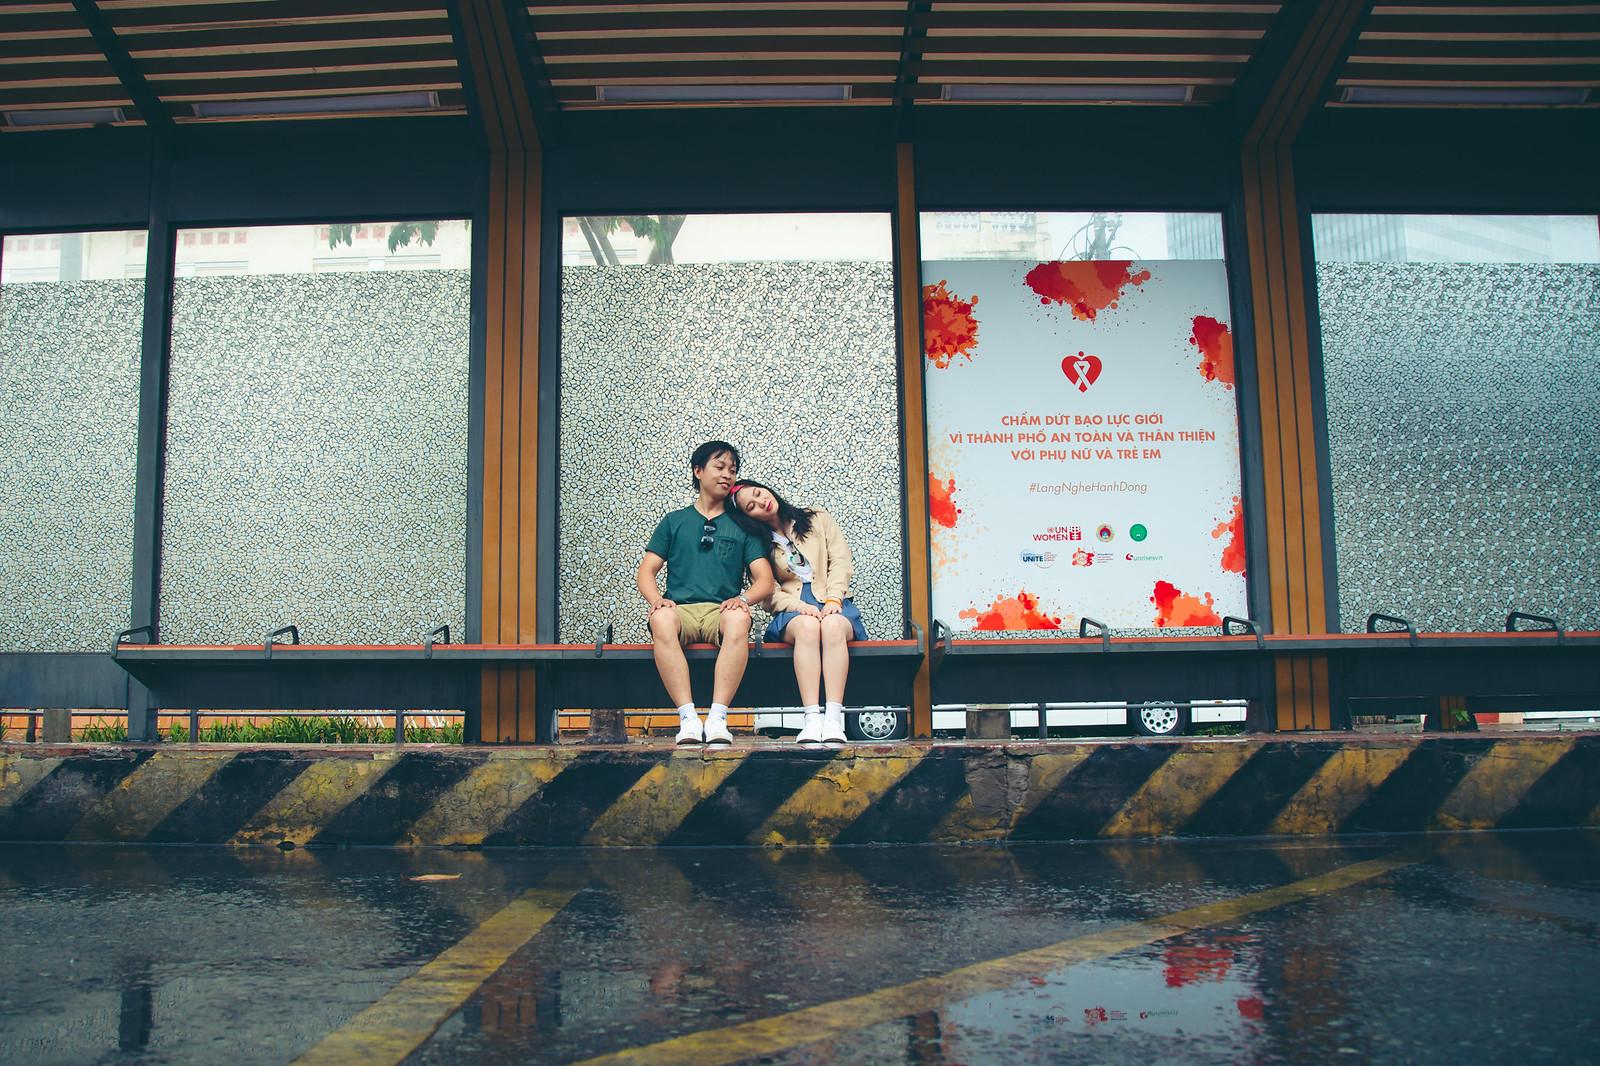 32836447497 f65d18cee2 h - Chụp hình cưới tại bến xe buýt Hàm Nghi, Quận 1